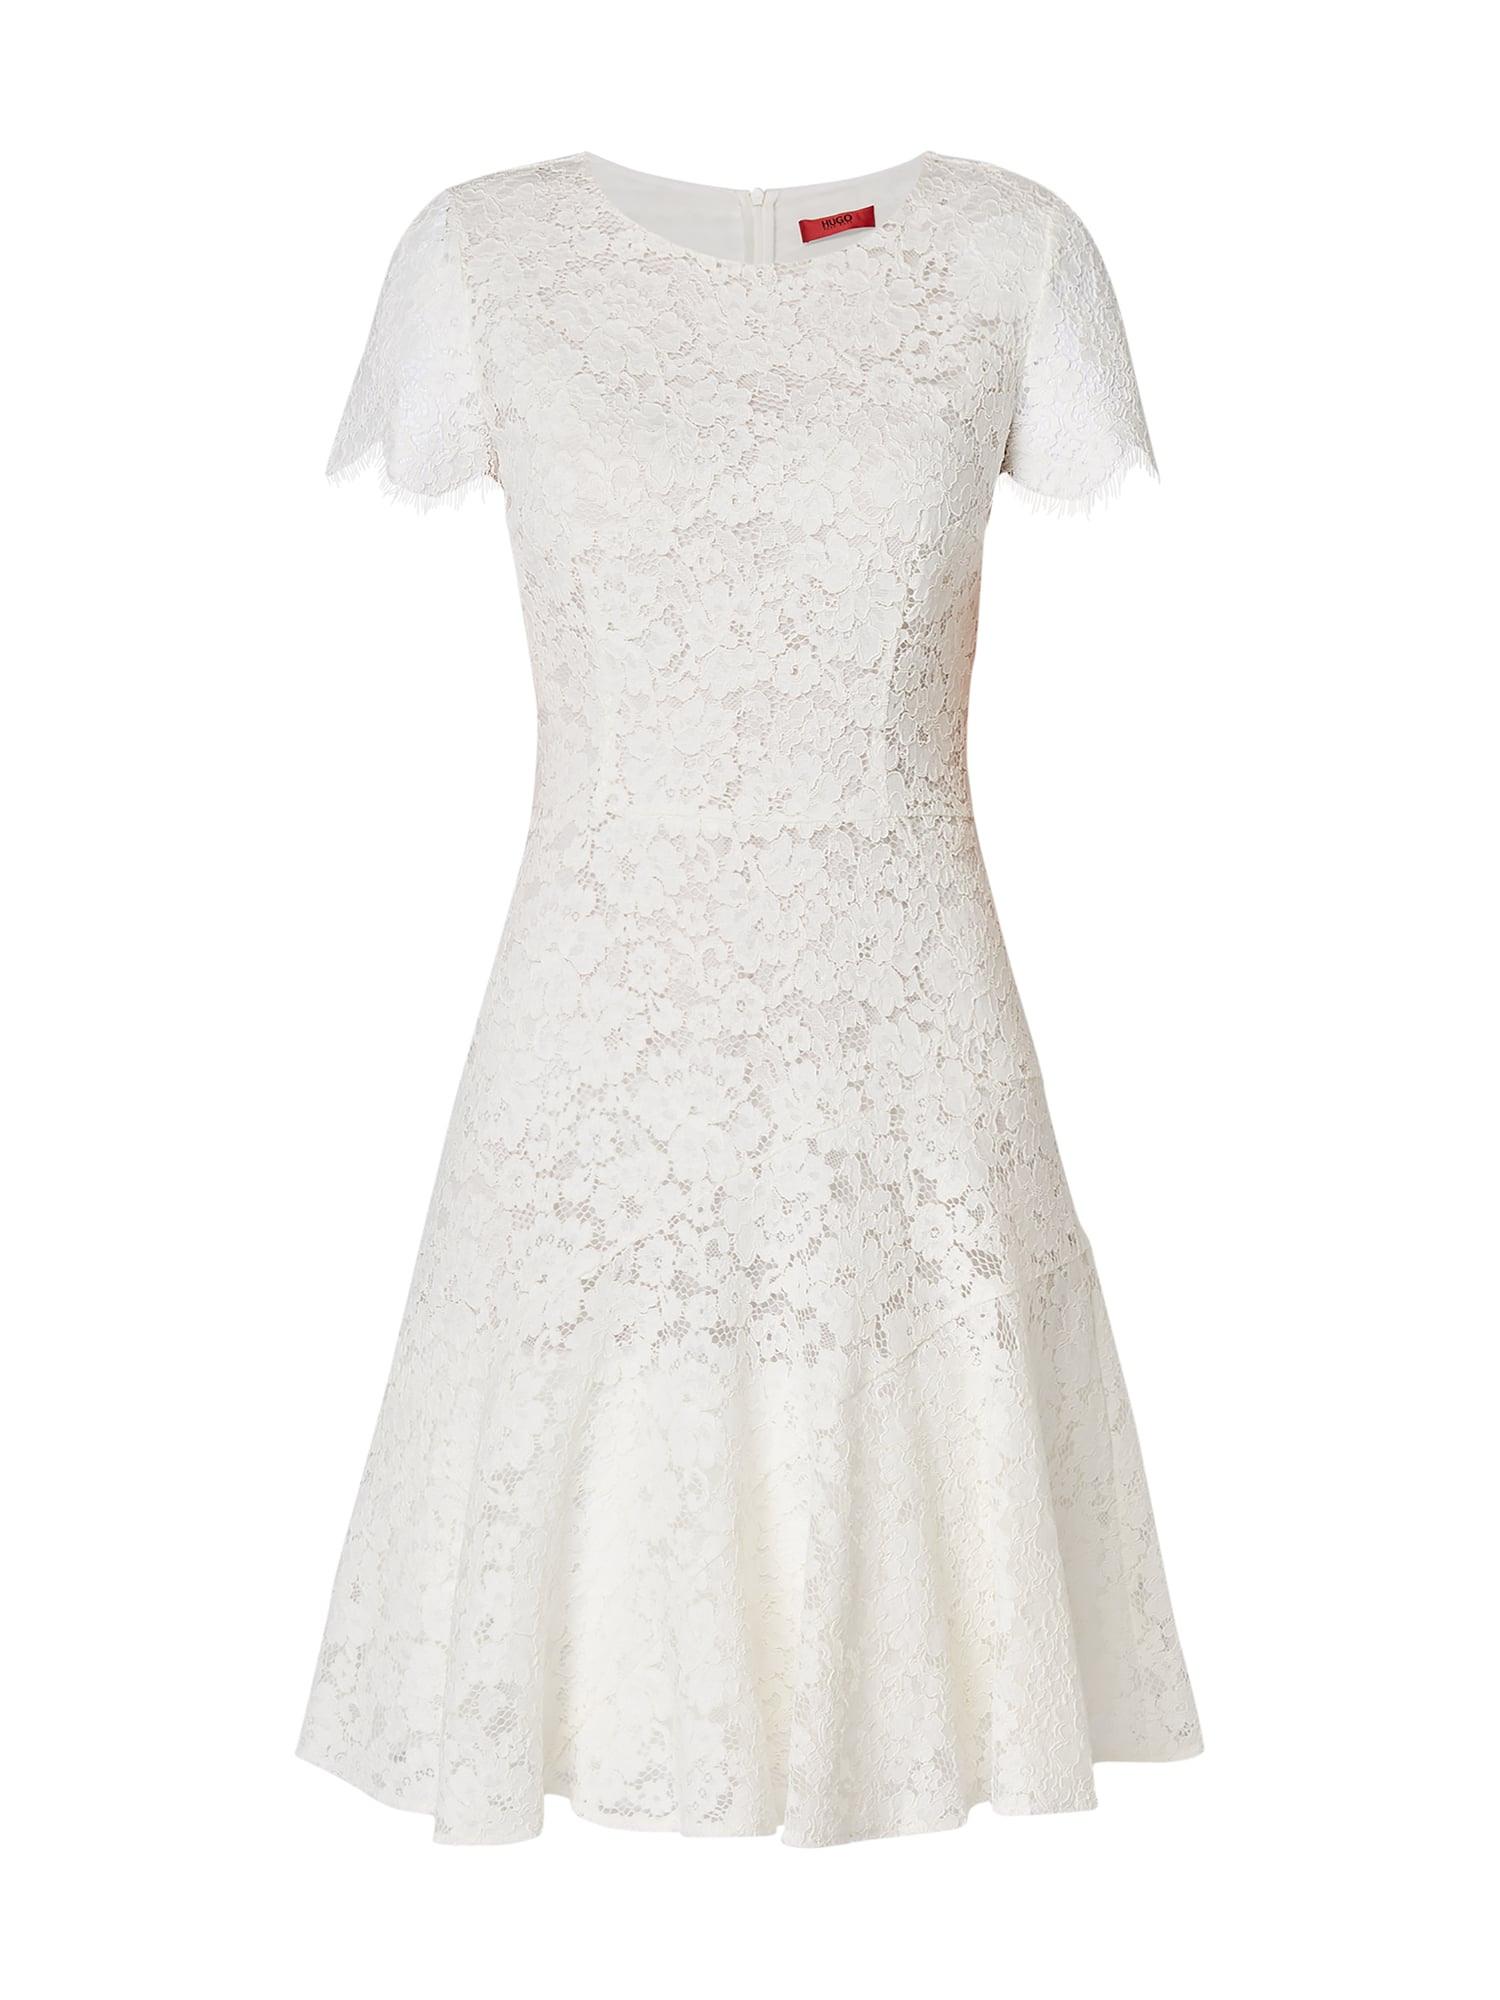 3 Schön Konfirmationskleider Weiß Galerie - Abendkleid